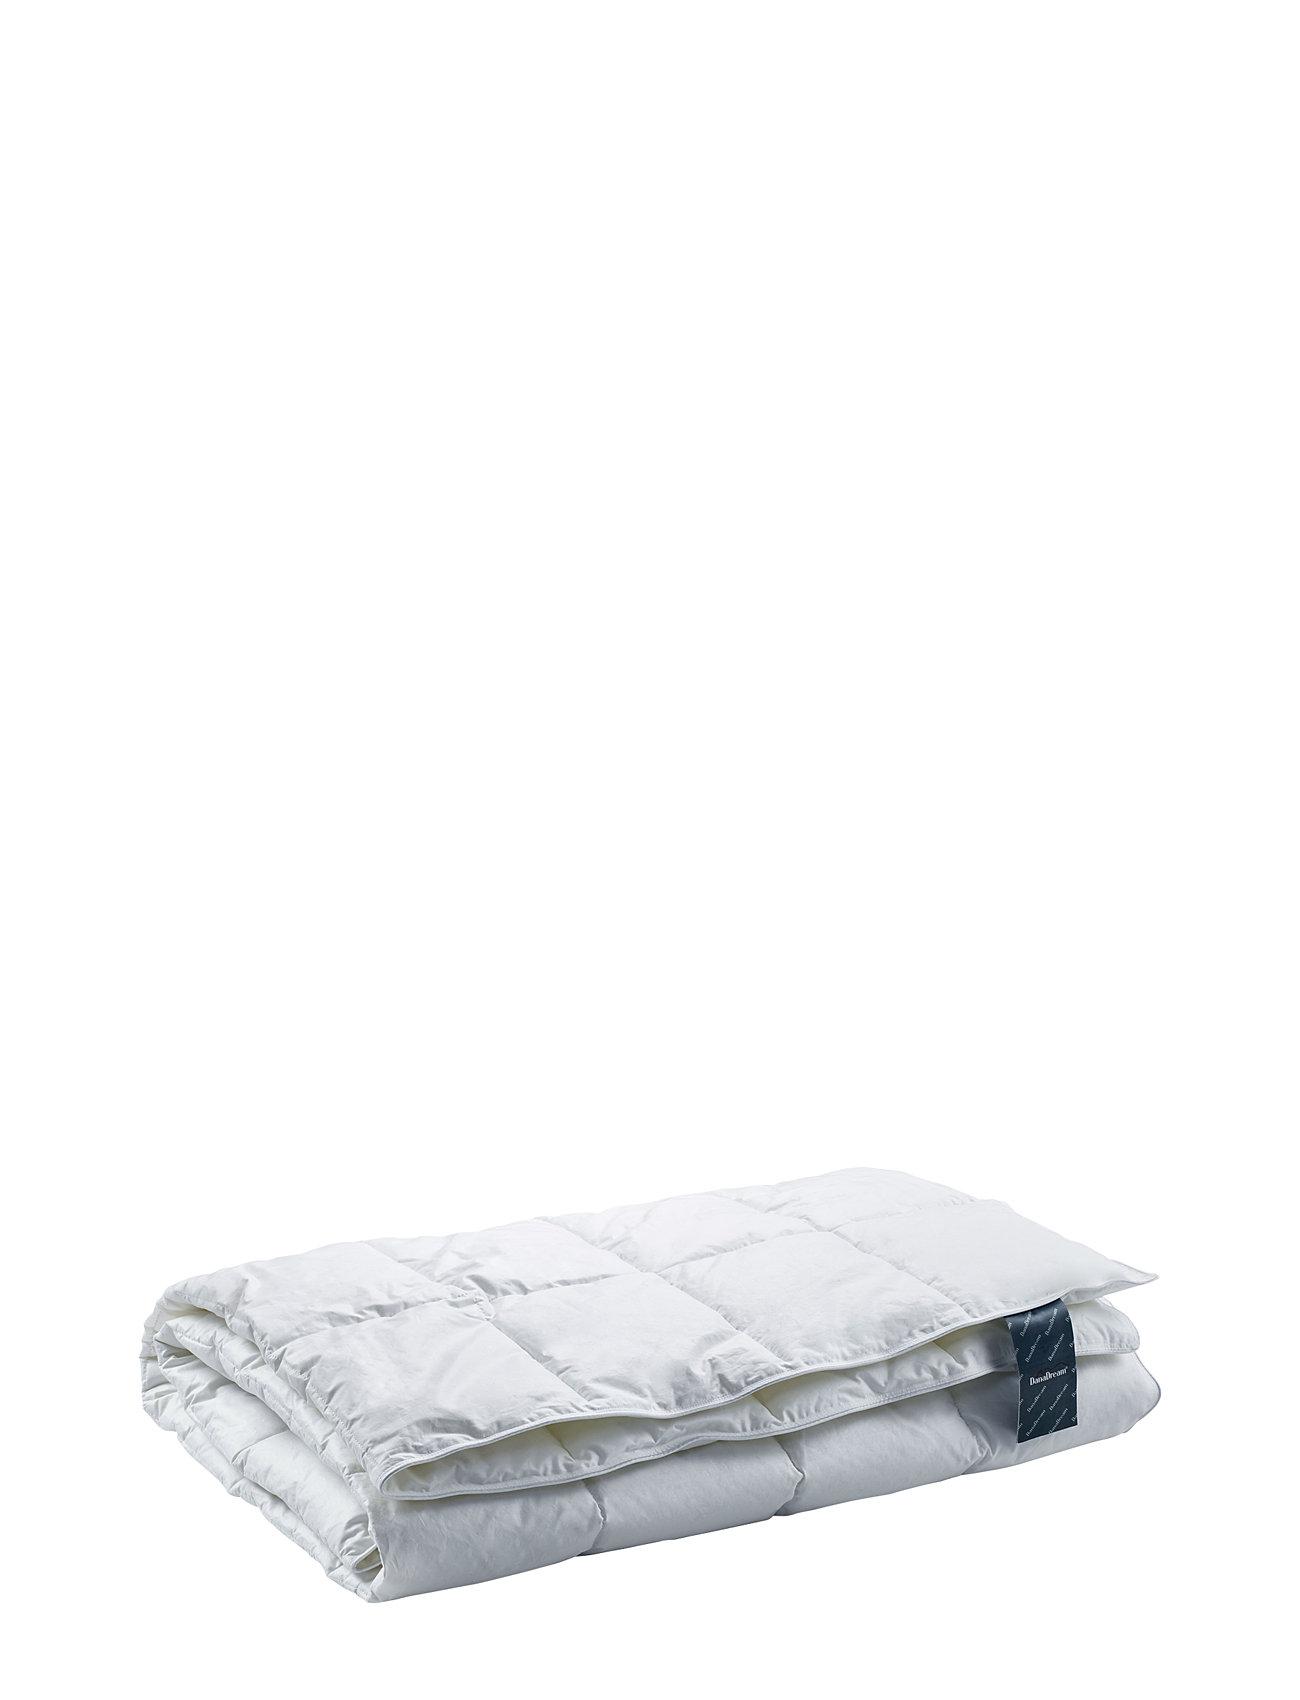 Quilts of Denmark Danadream Classic light duvet - WHITE